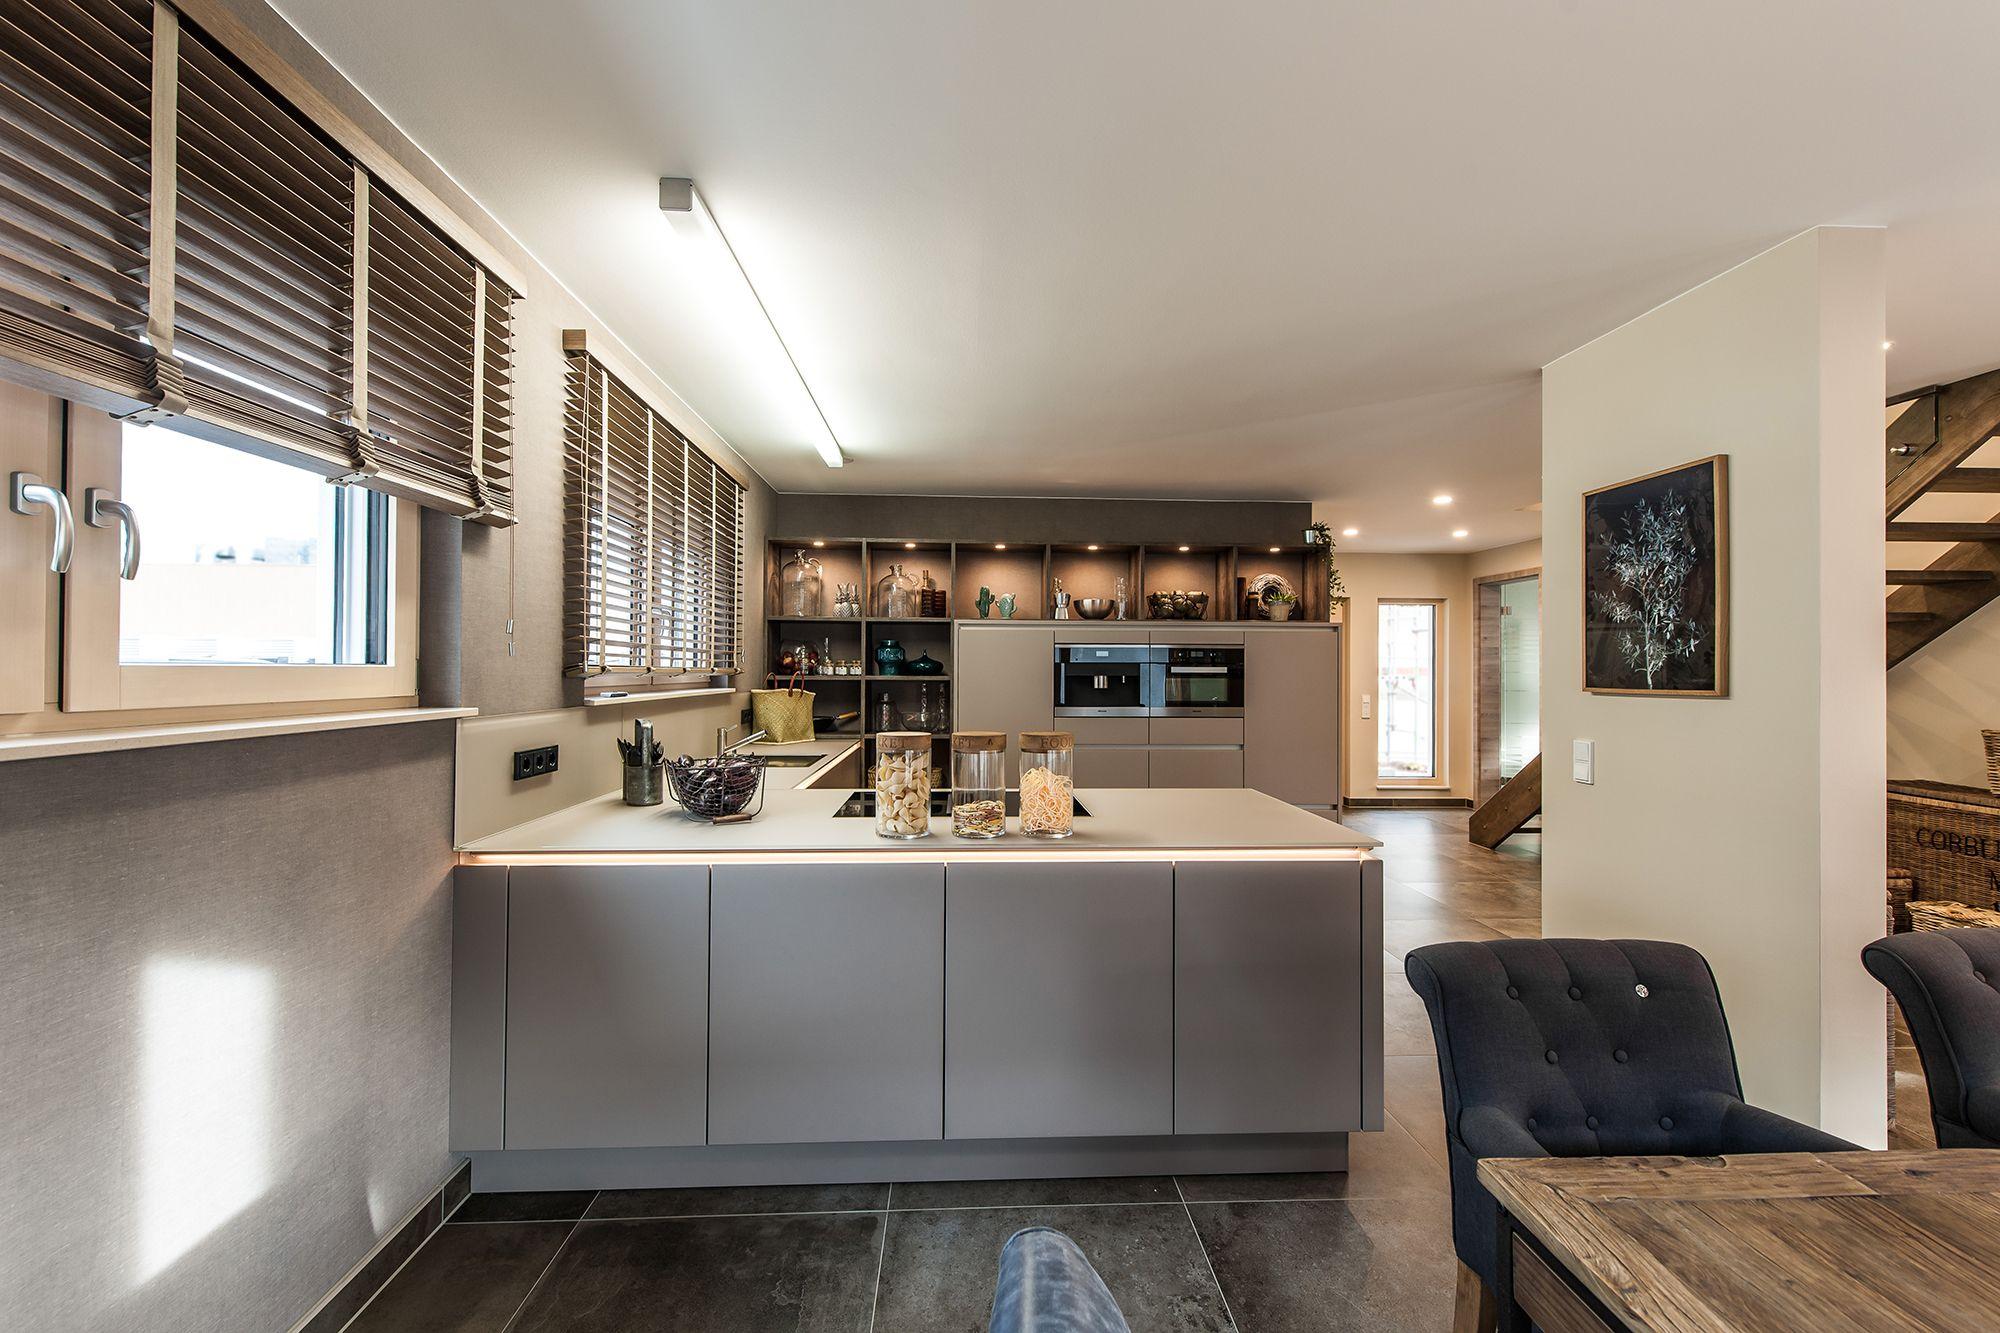 Wohnideen offene Wohnküche und Essbereich in Erdtönen